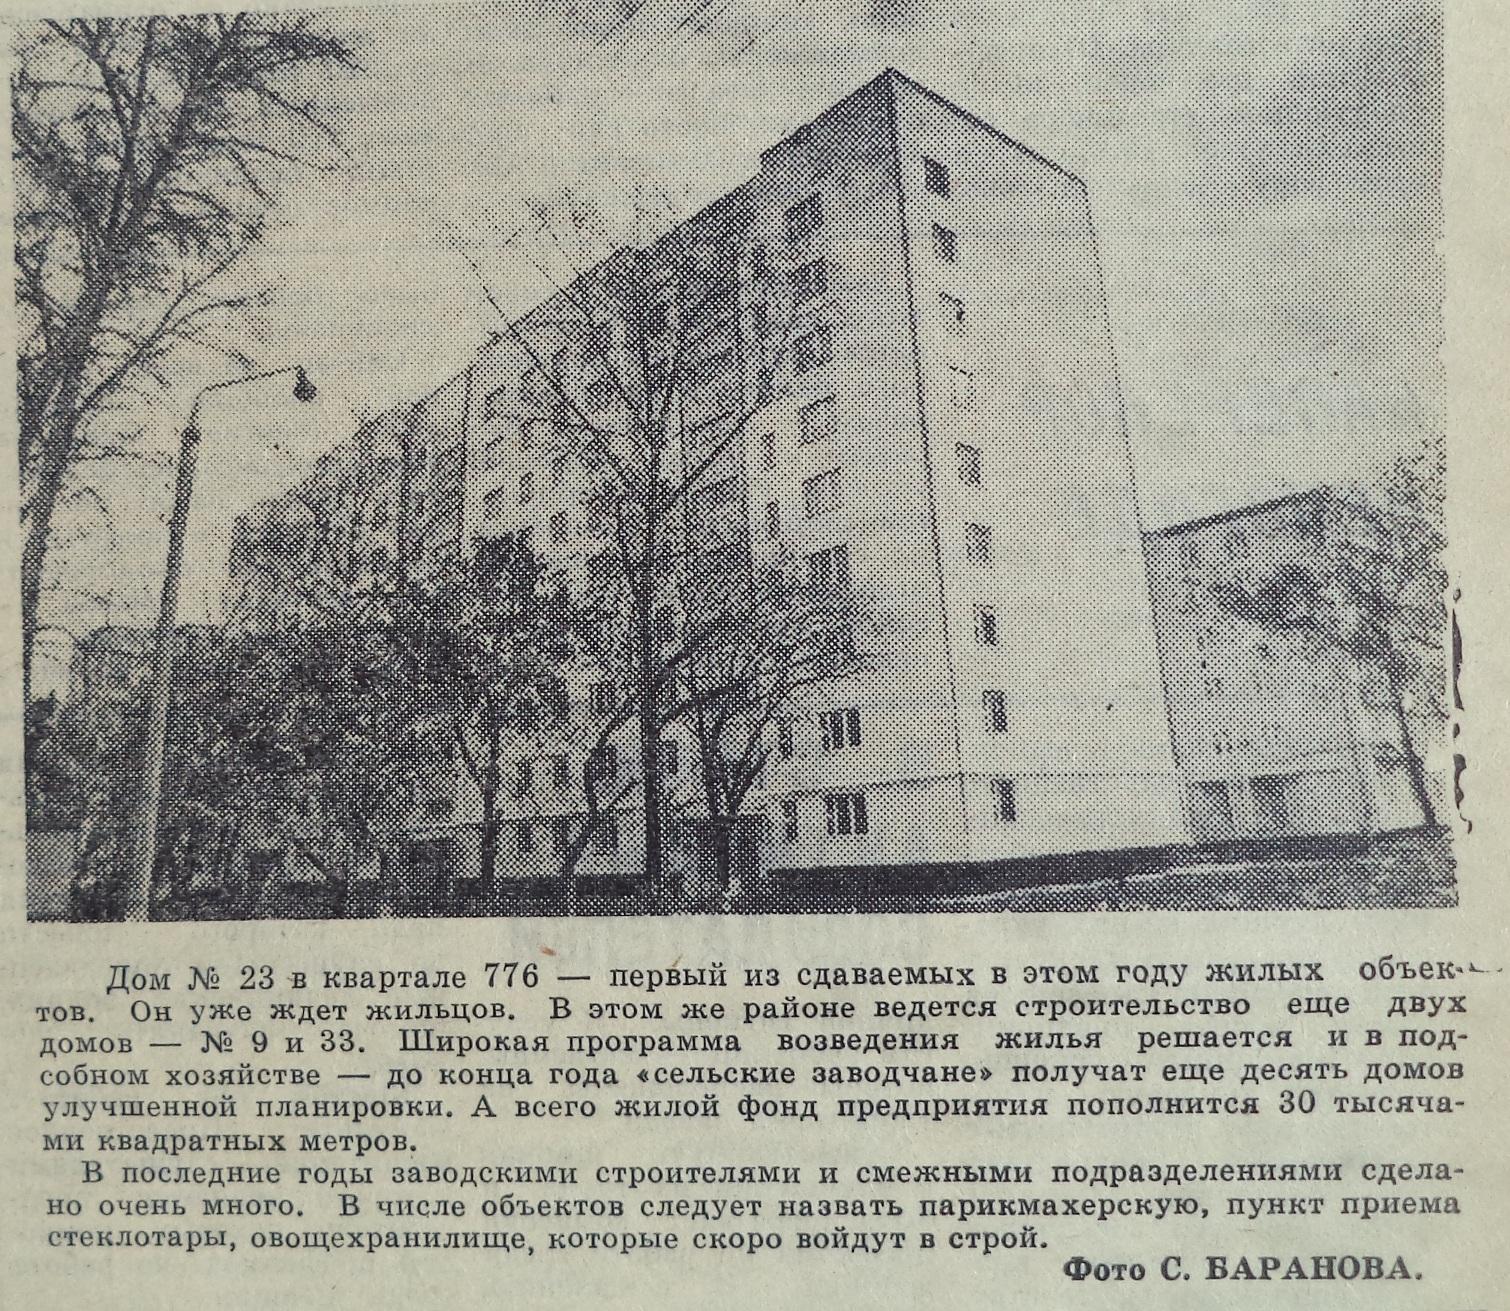 ФОТО-25-Металлистов-Заводская жизнь-1986-17 октября-Своб.149-Мет.21